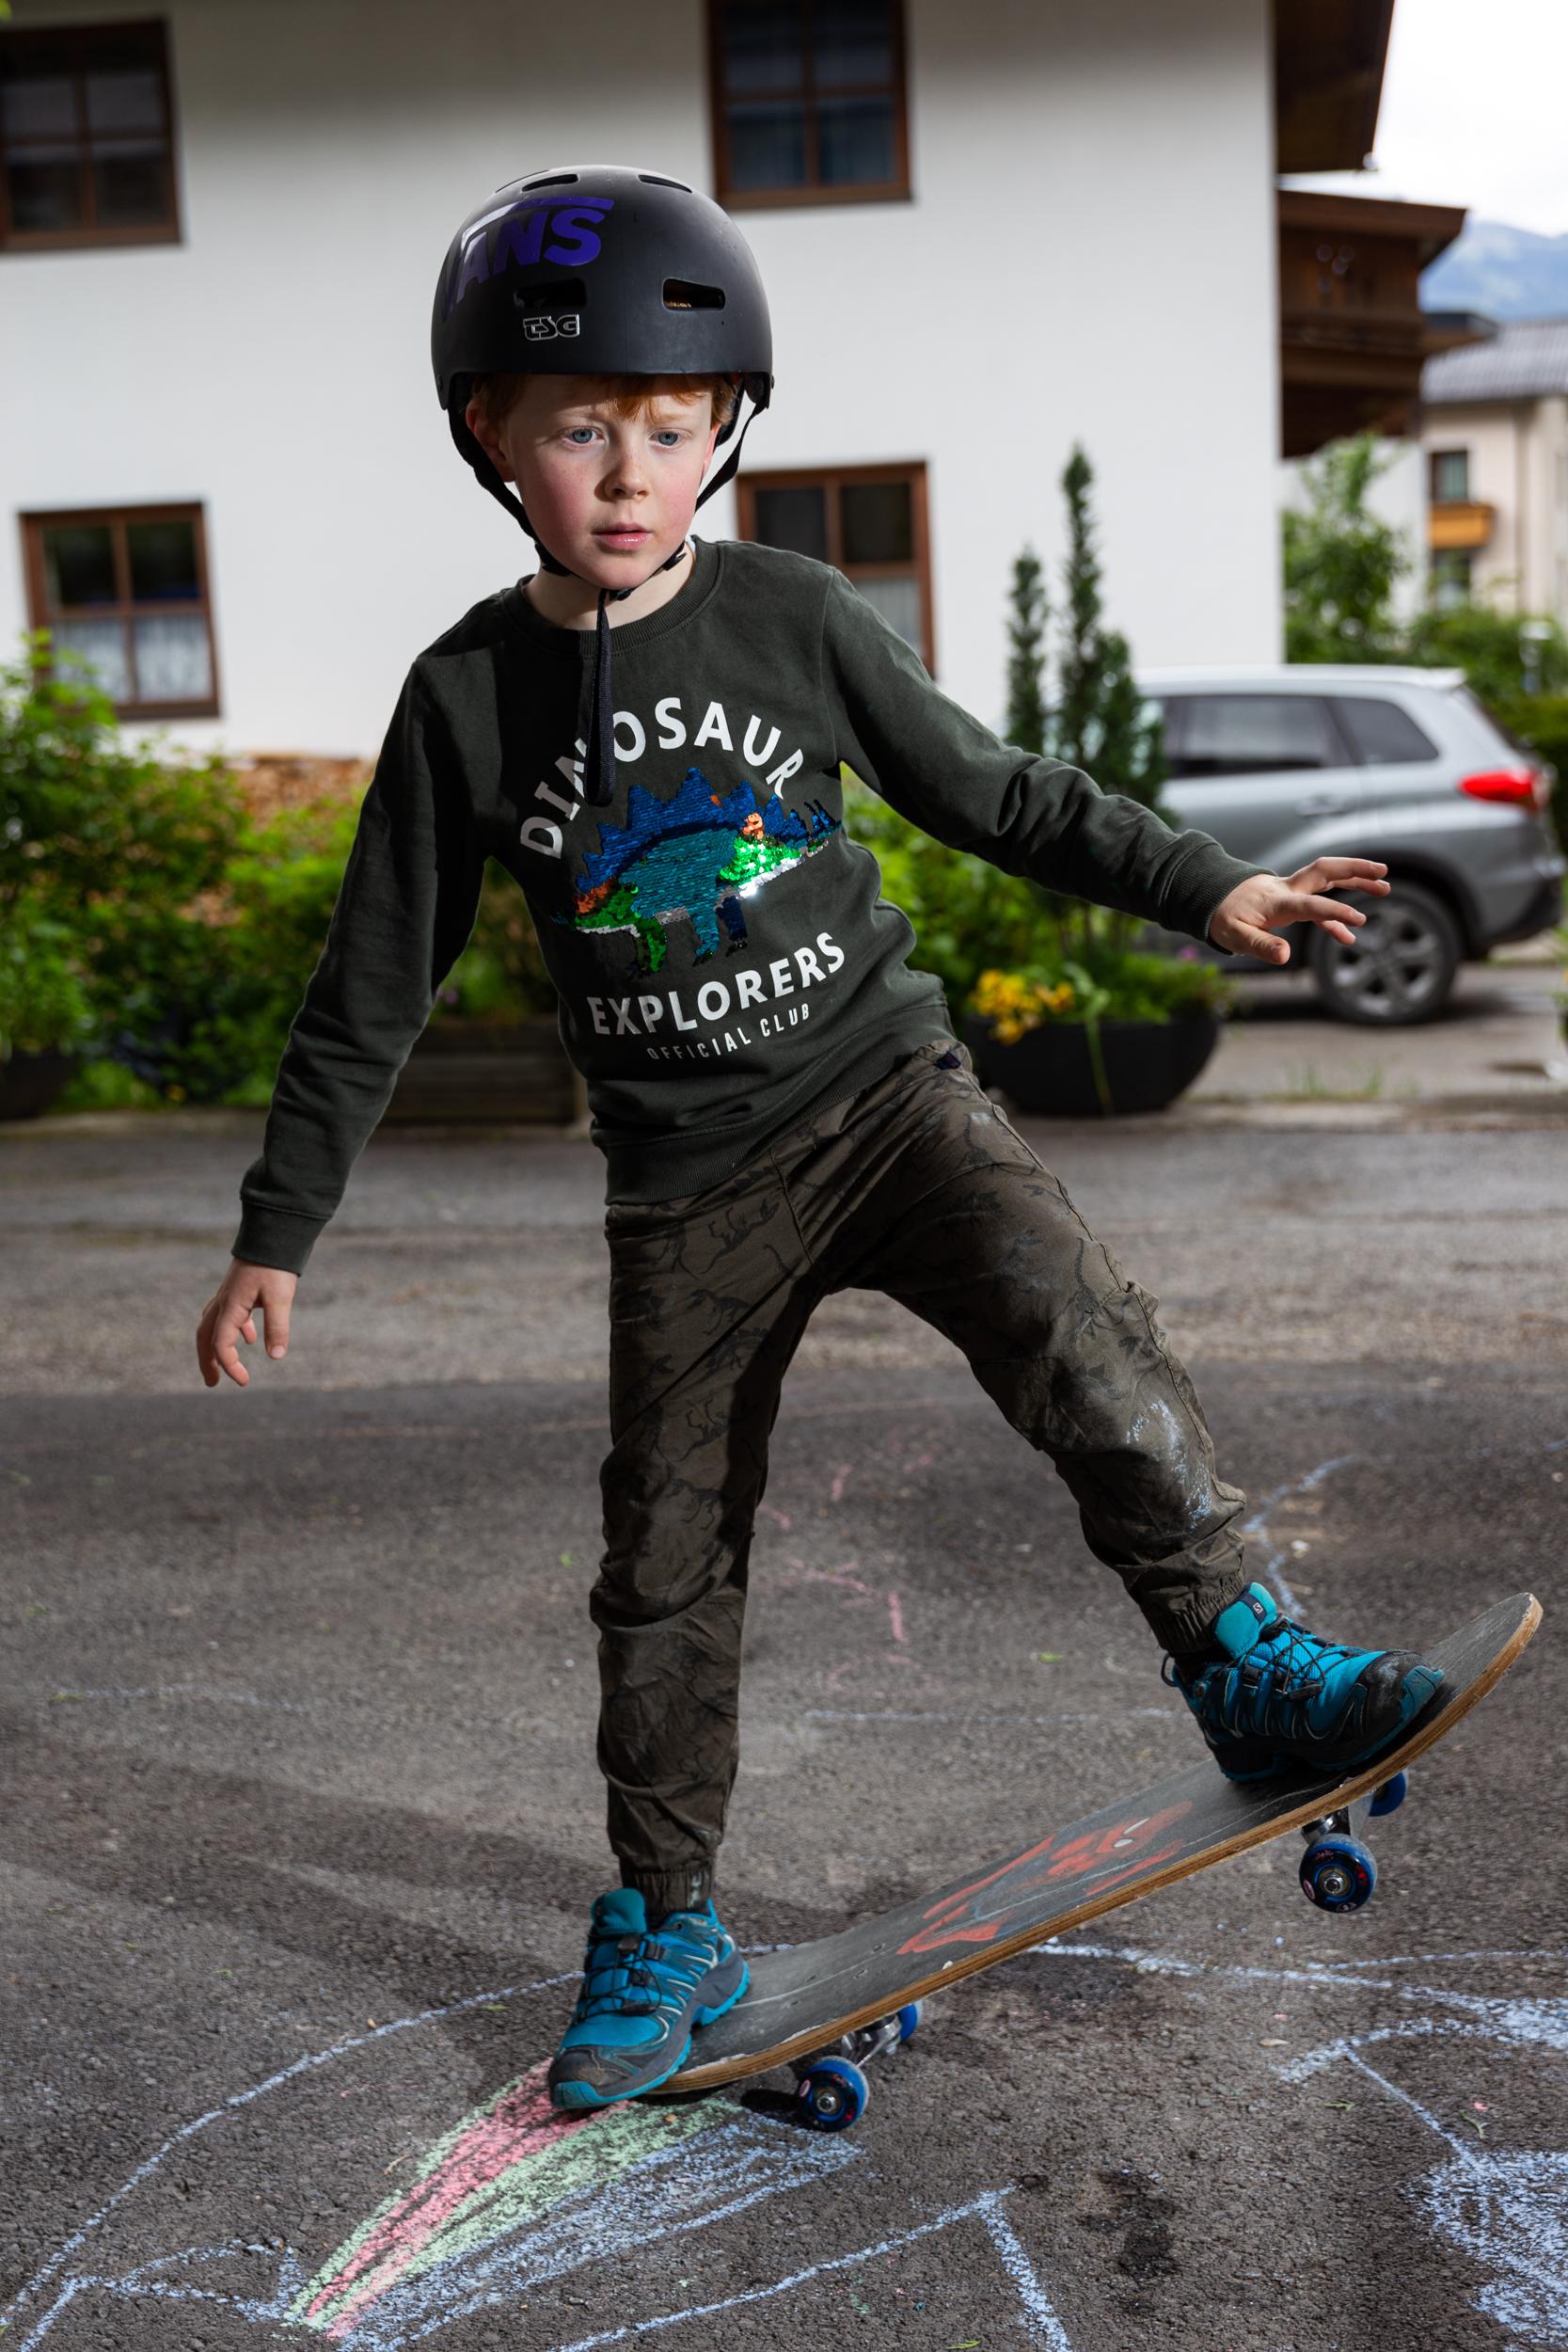 skate practice 19_02.jpg